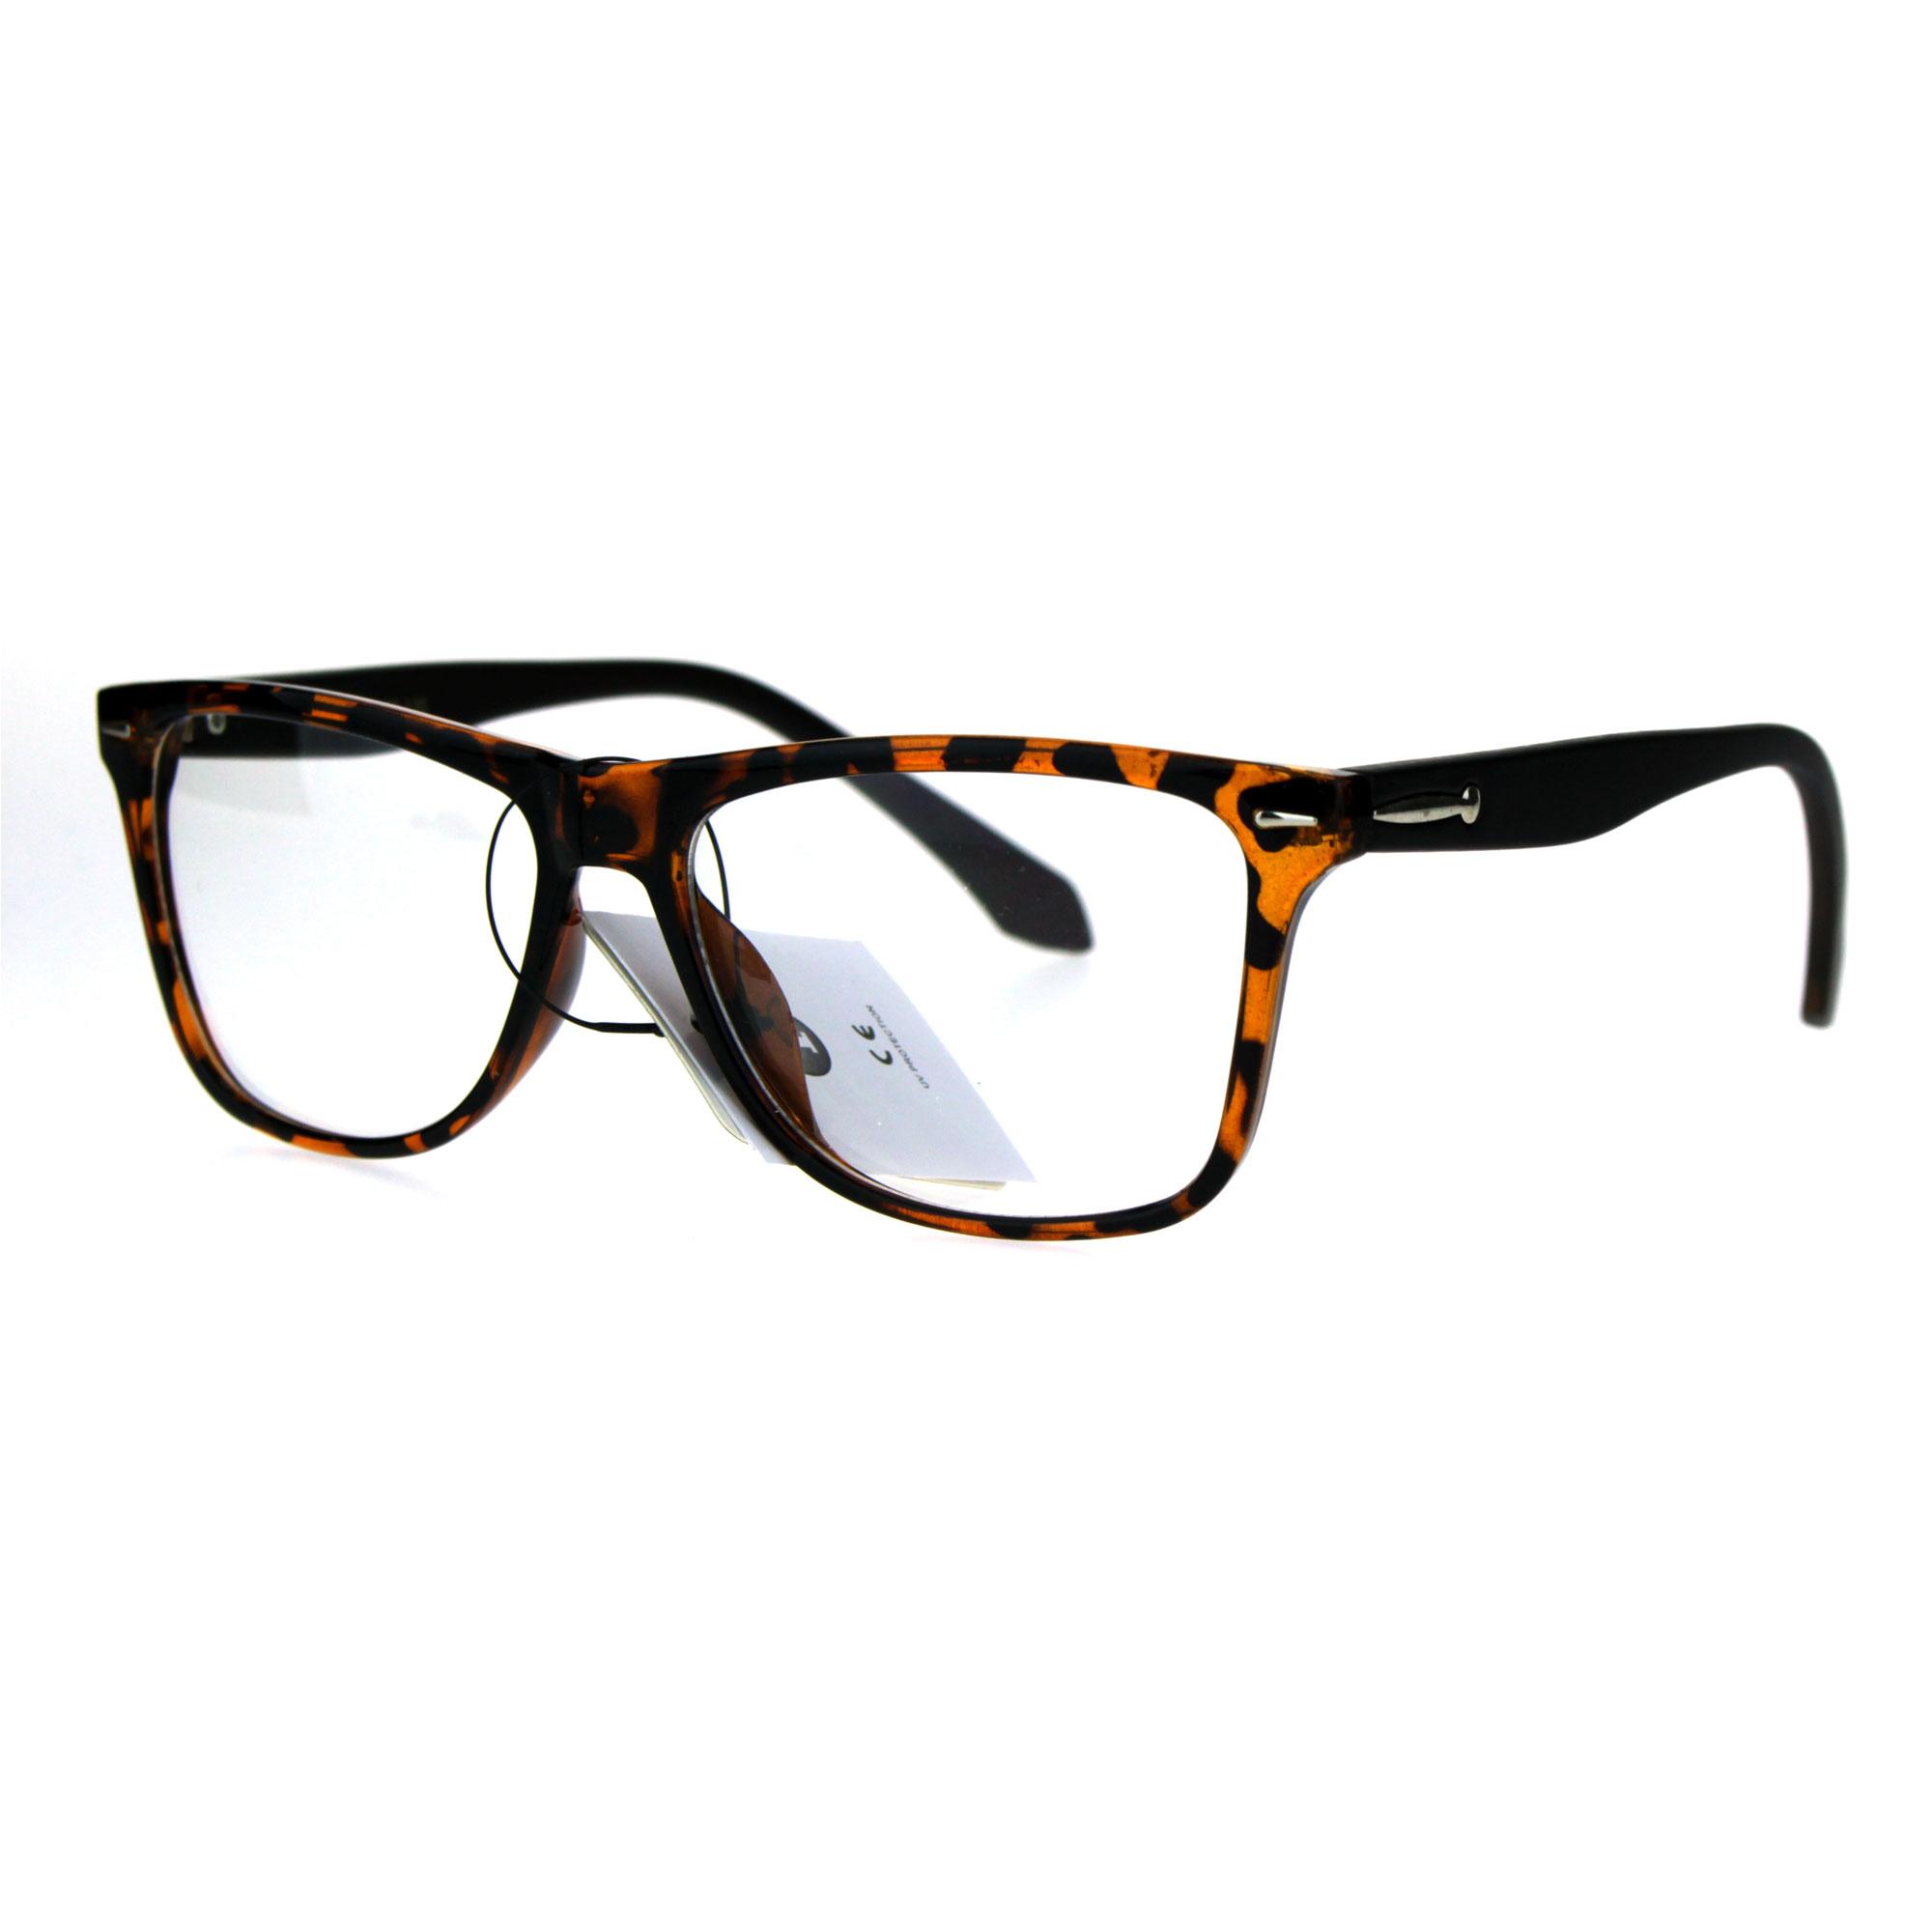 Clear Glasses Frame Mens : Mens Rectangular Plastic Horn Rim Clear Lens Eye Glasses ...